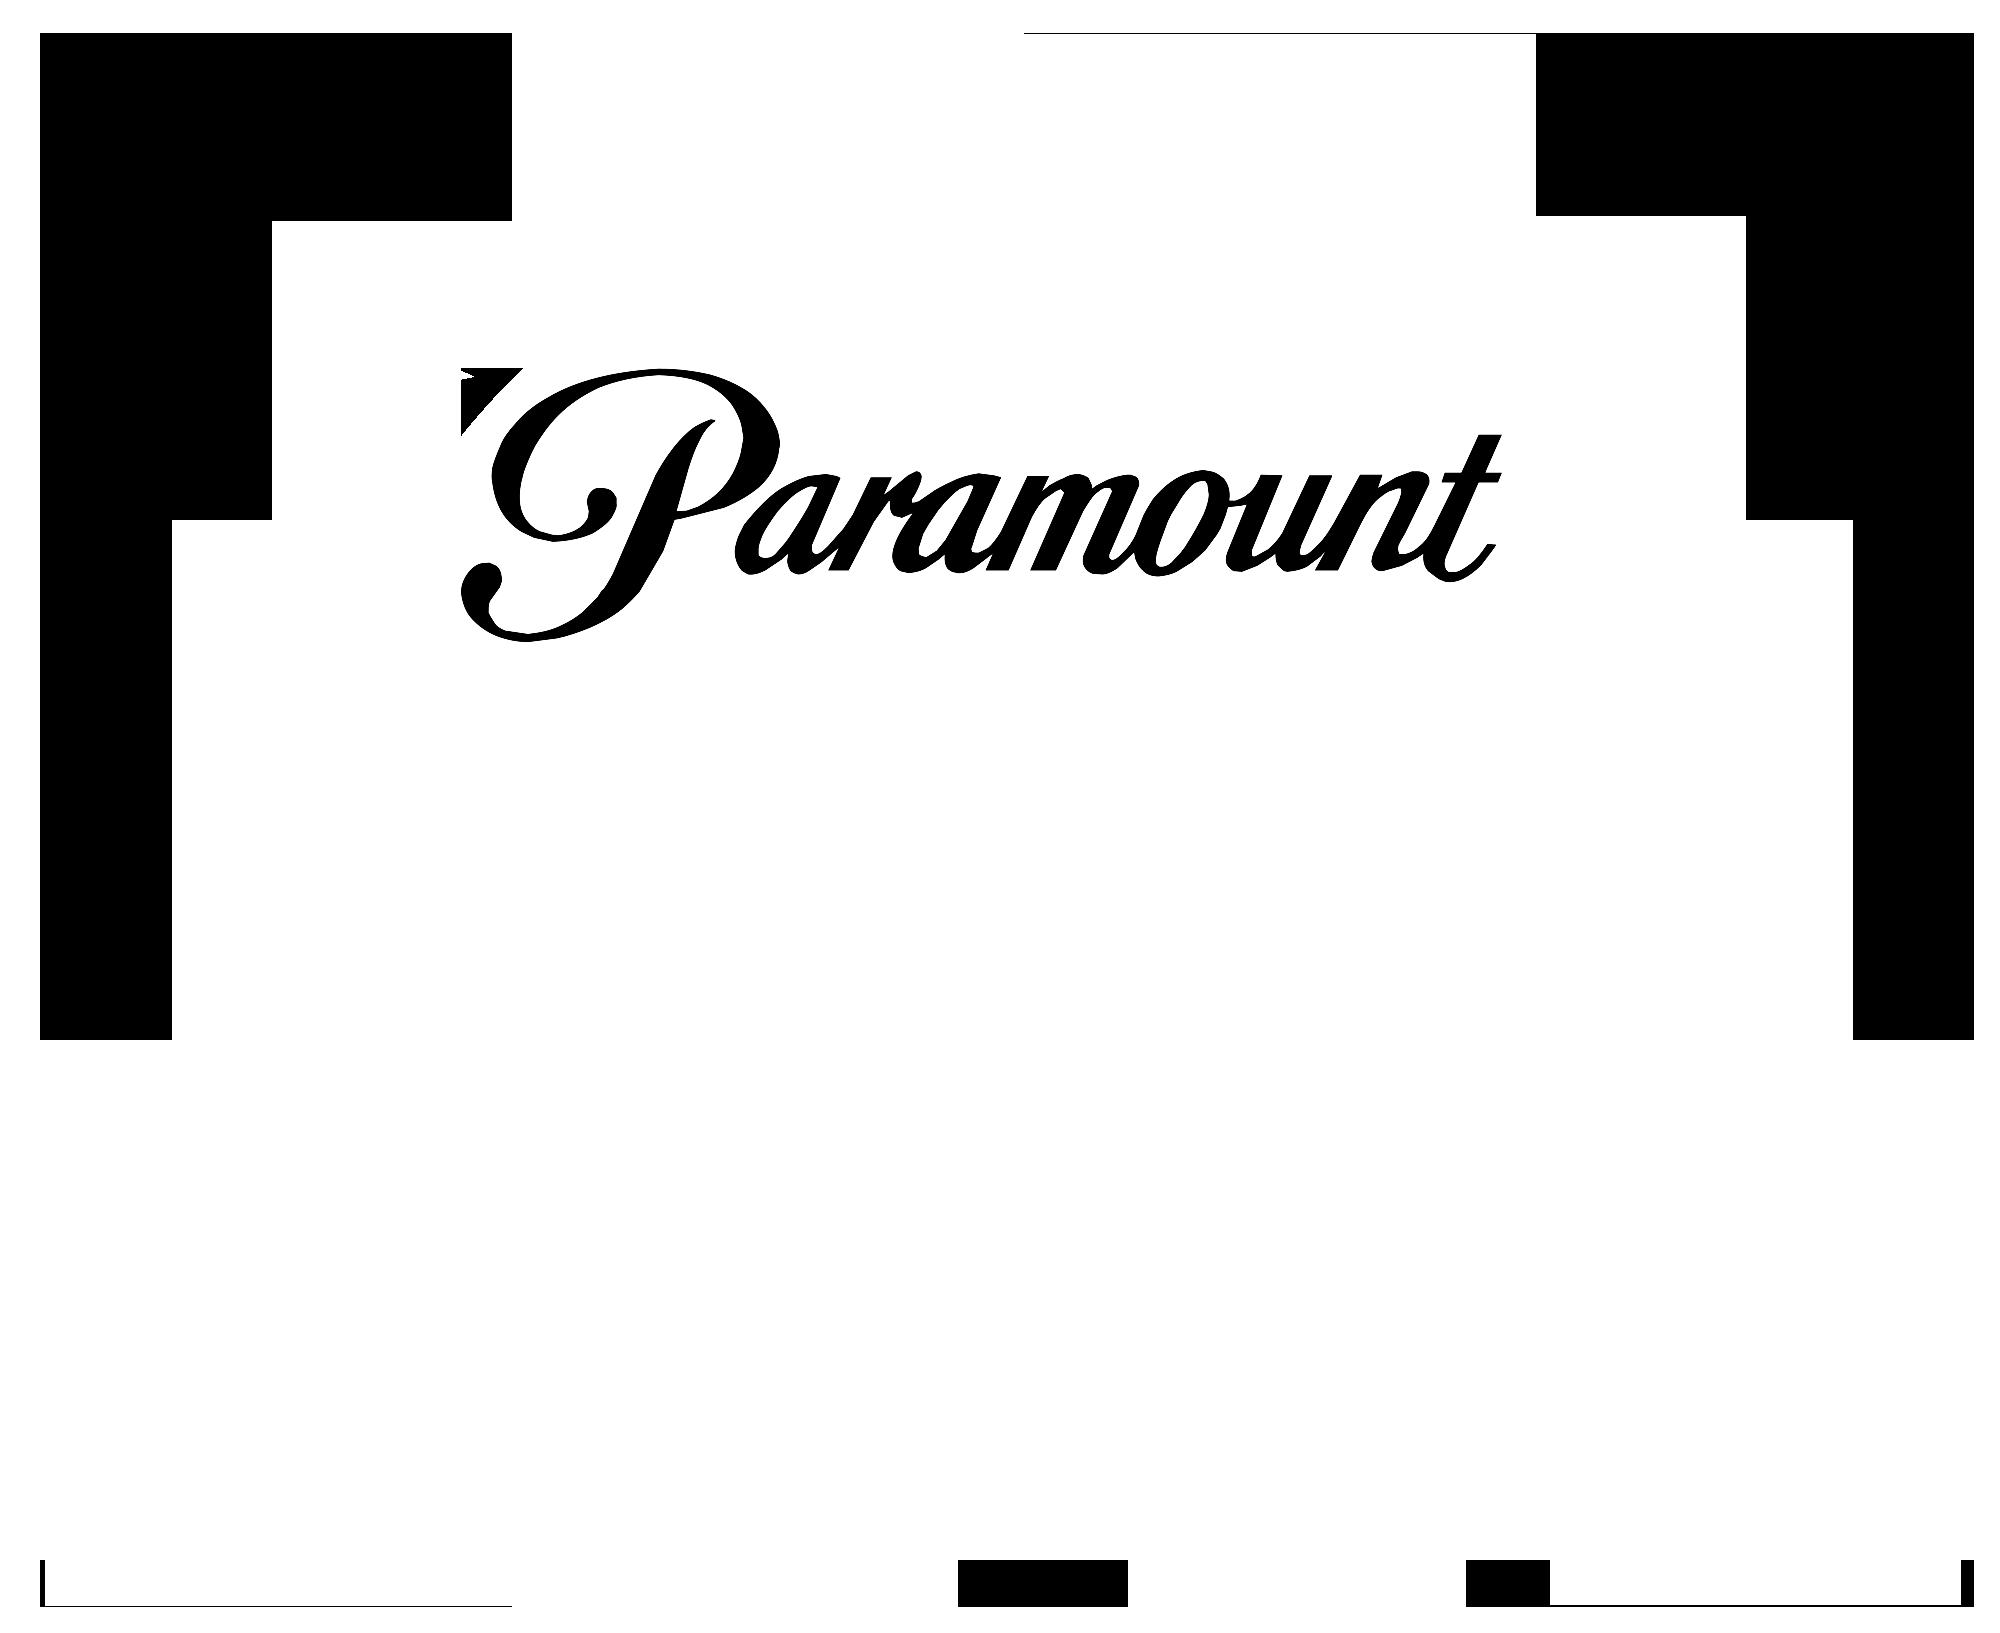 Paramount_logo2.png